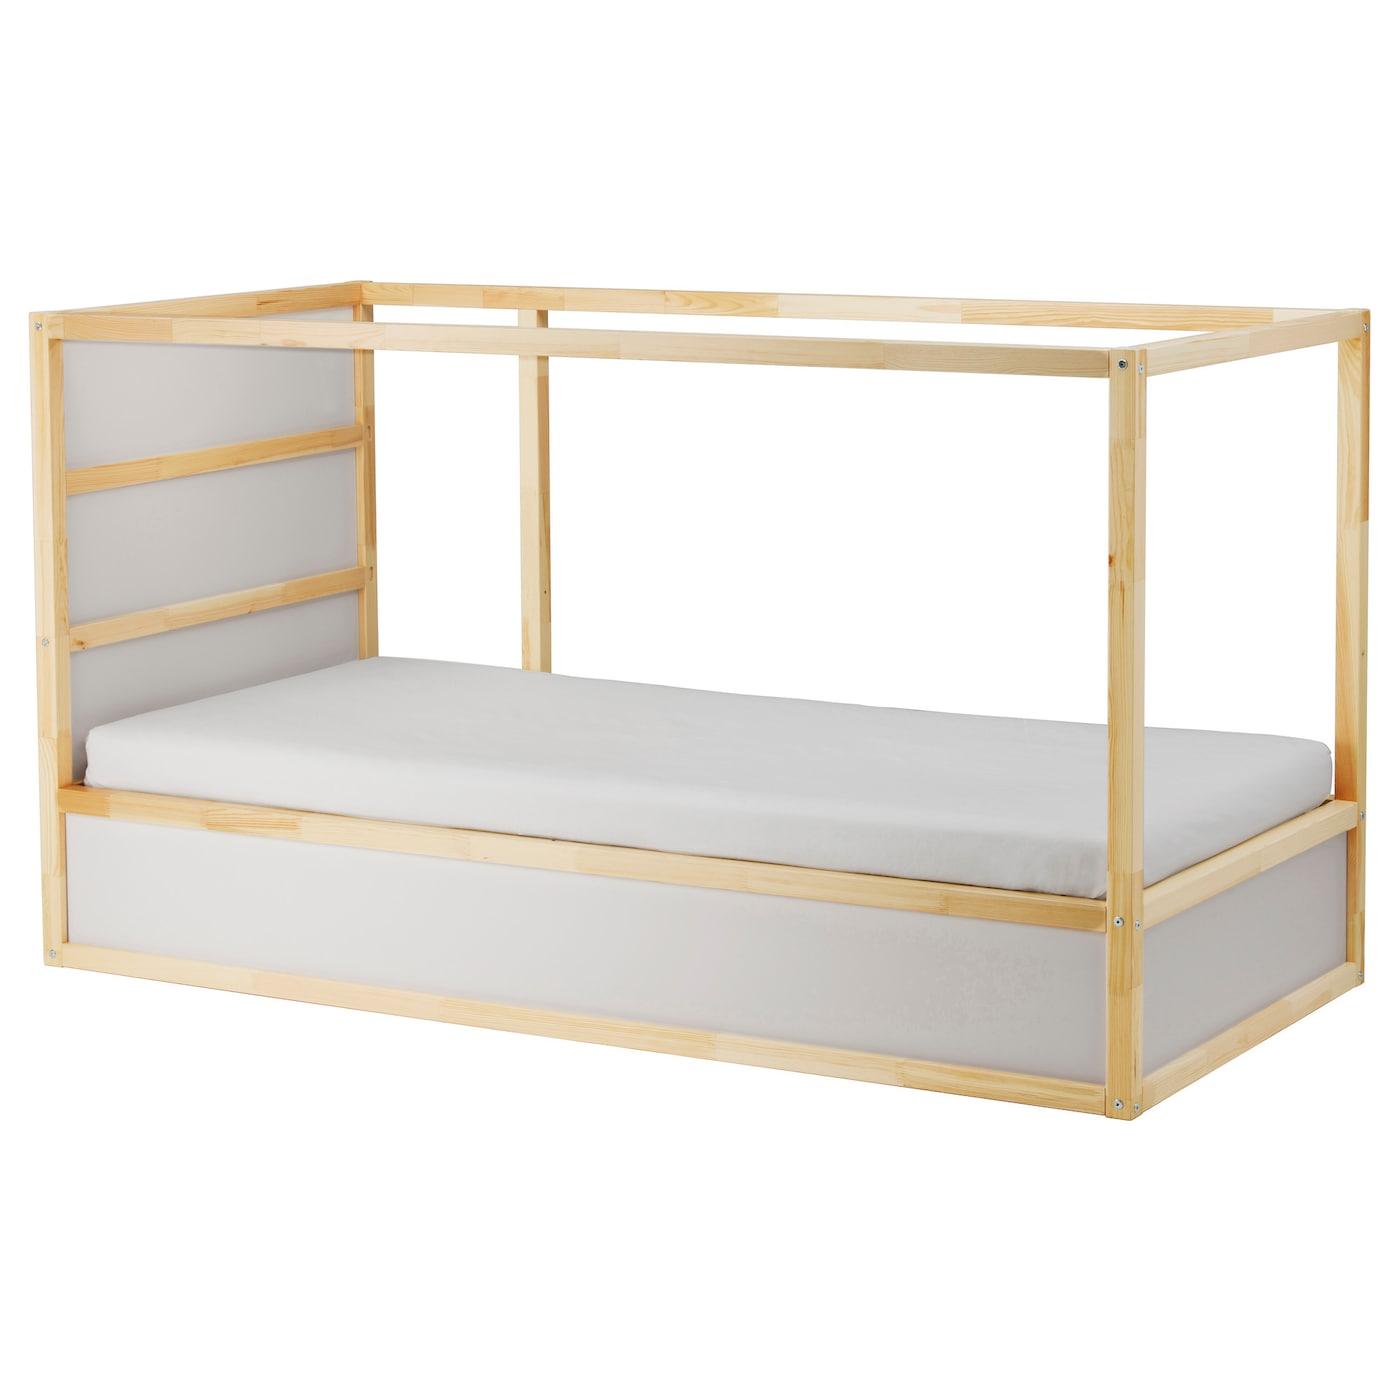 КЮРА-1 Двусторонняя кровать, белый, сосна, 90x200 см